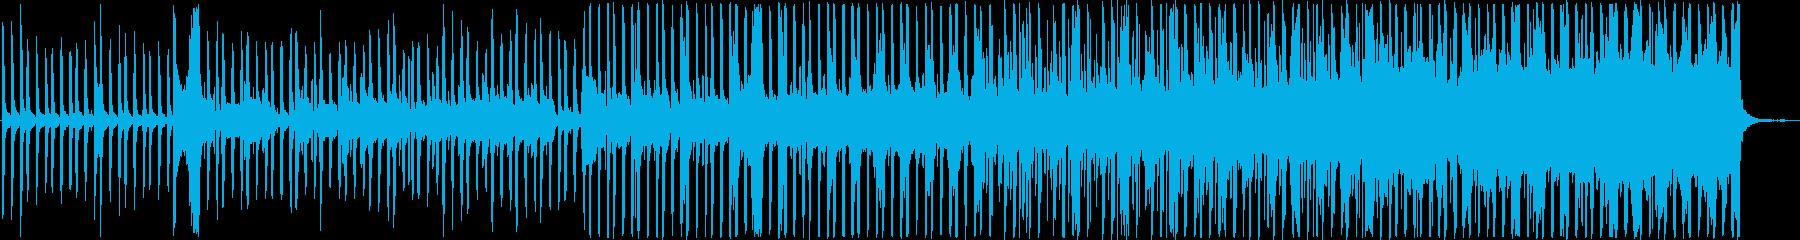 モダン 交響曲 室内楽 ドラマチッ...の再生済みの波形